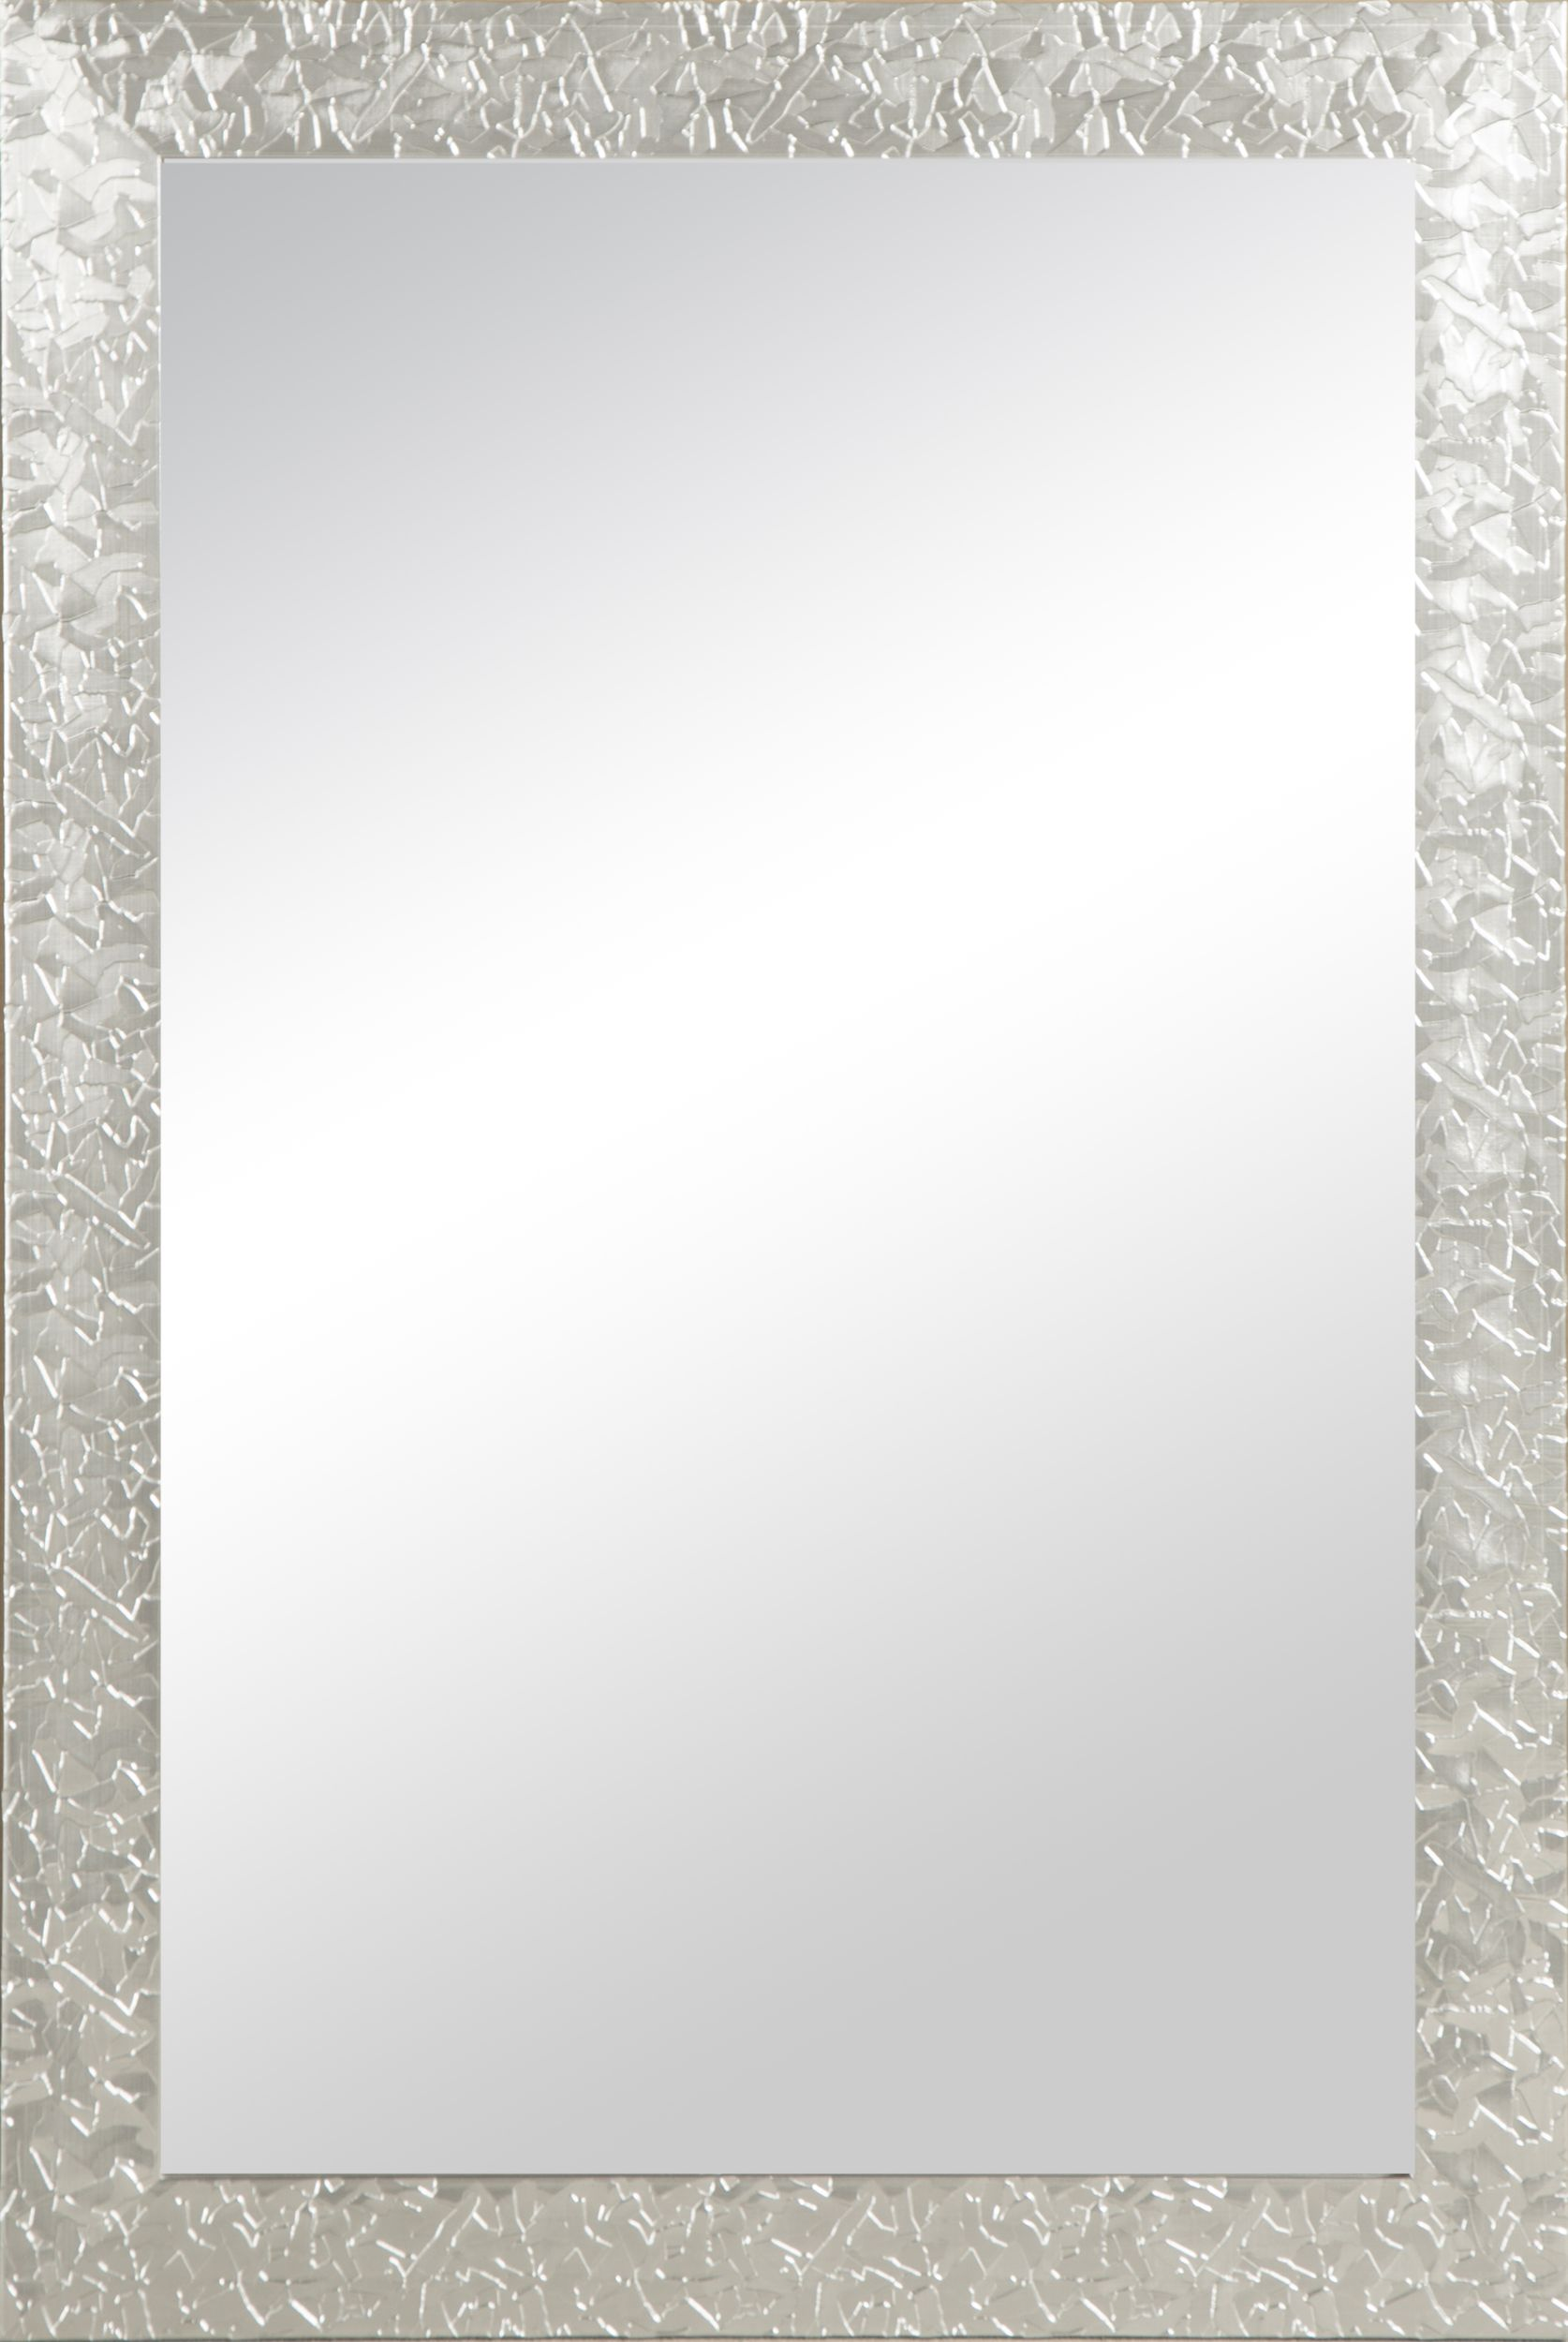 Rahmenspiegel 40x60cm JESSY